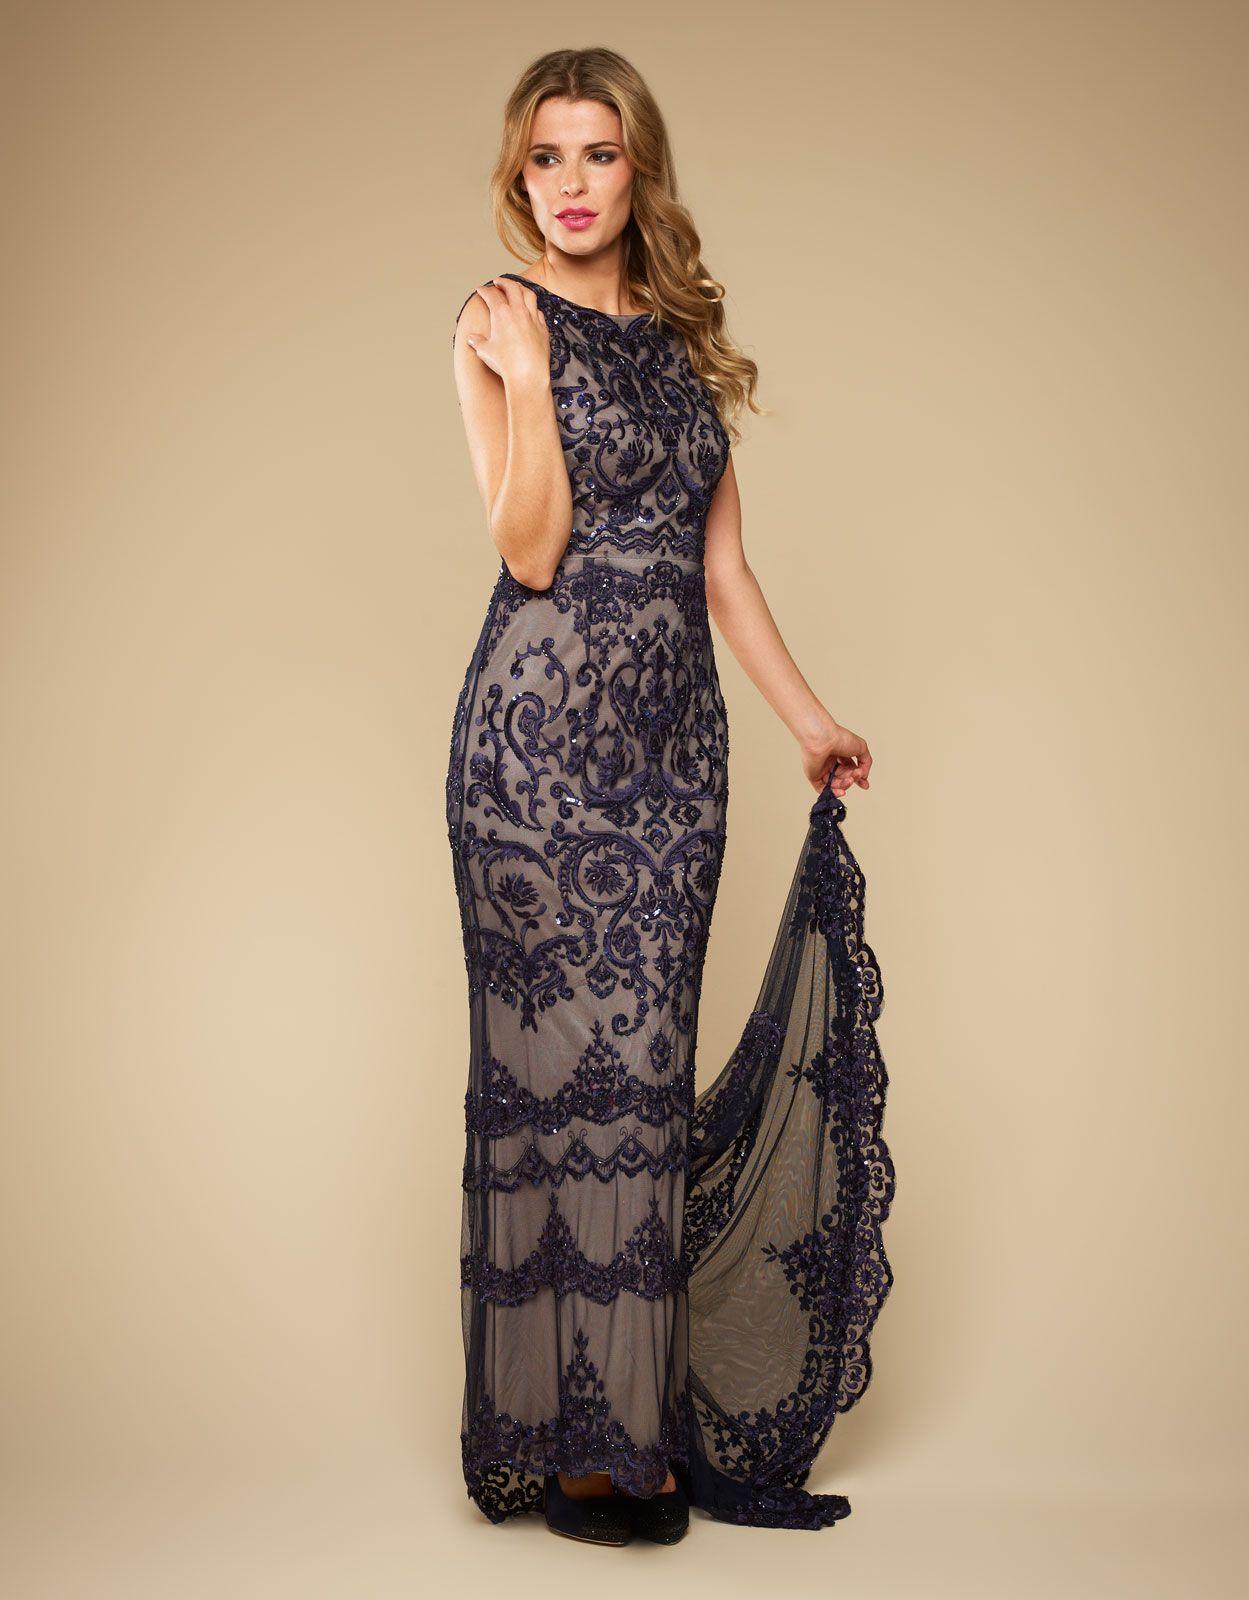 48bc49b86ffc It s almost like a 1910 s dress! I don t think I could wear it